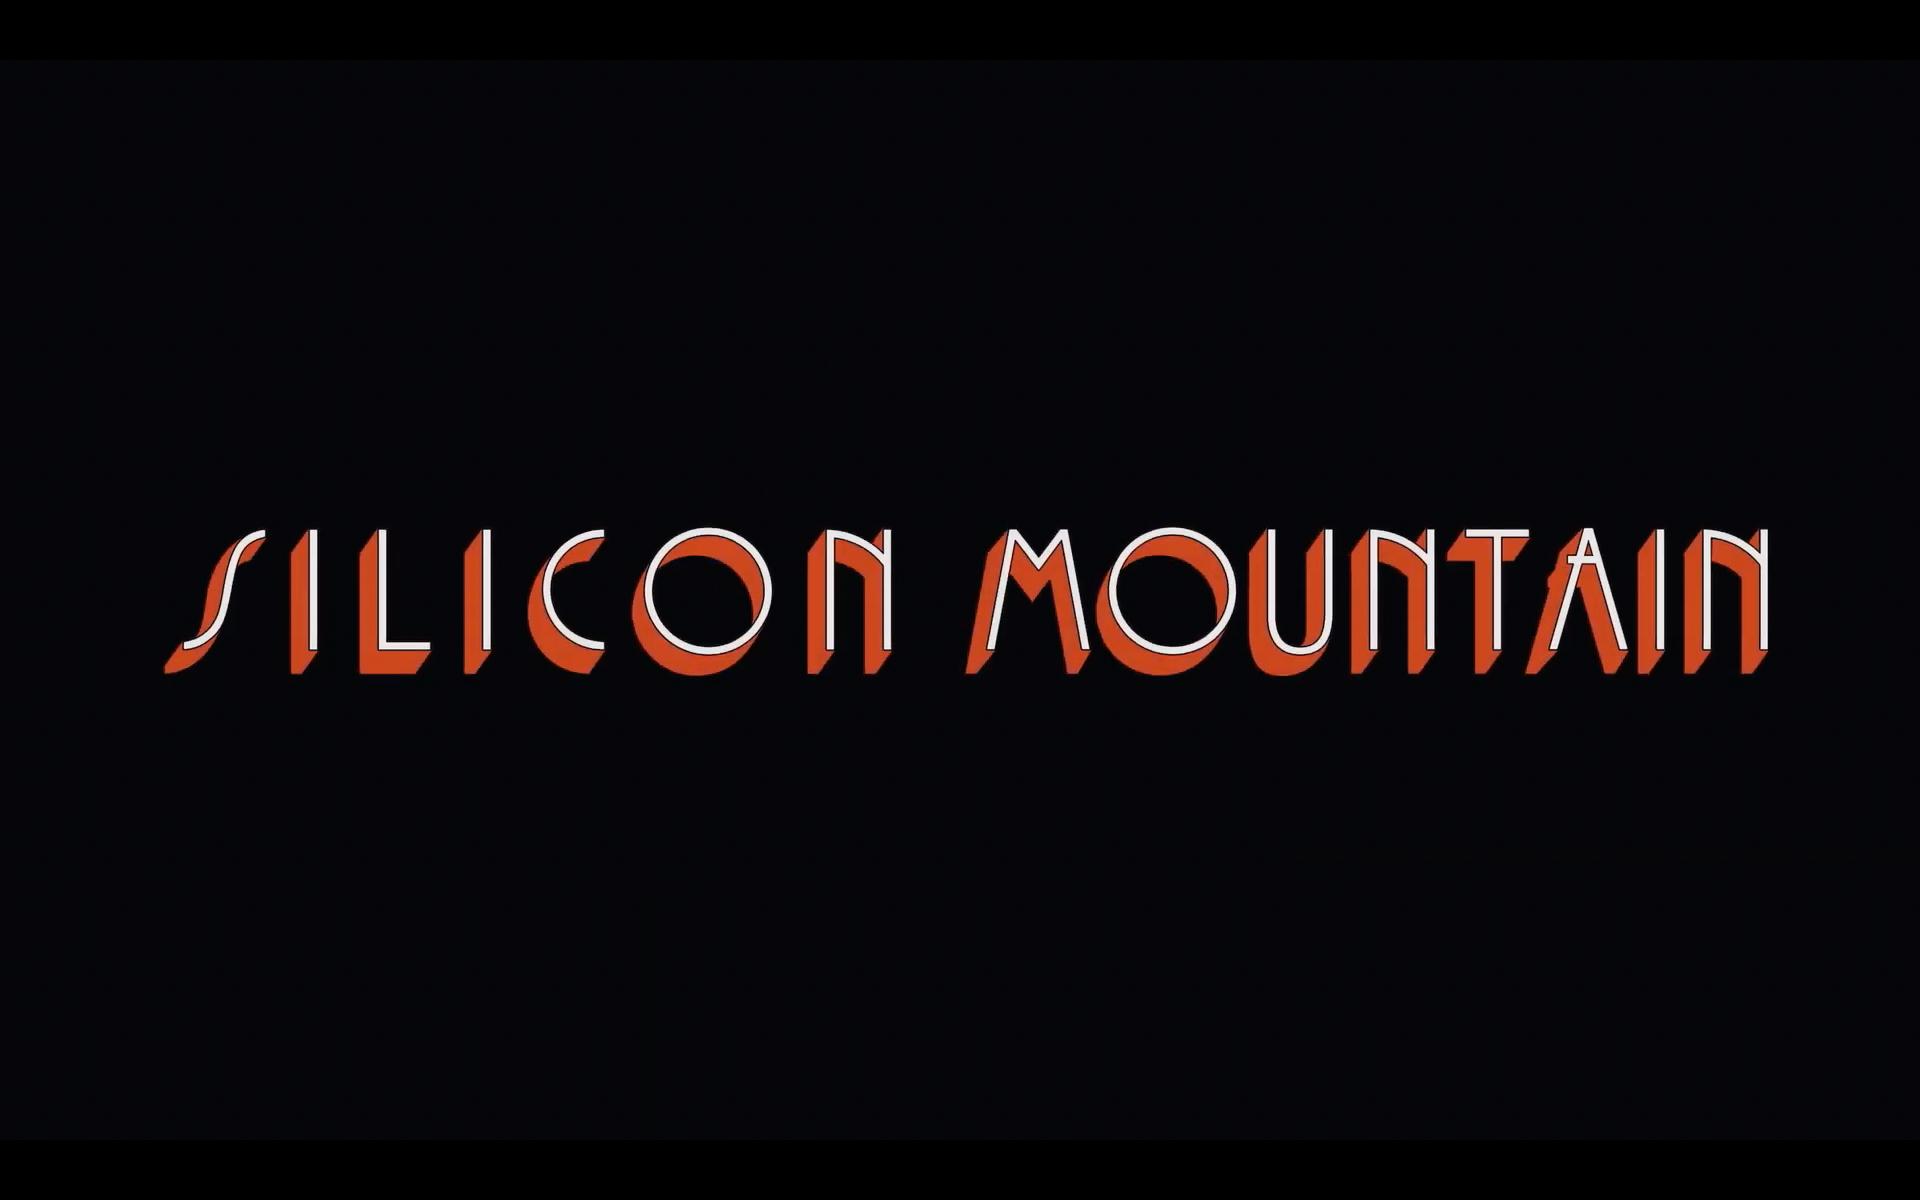 Silicon Mountain film